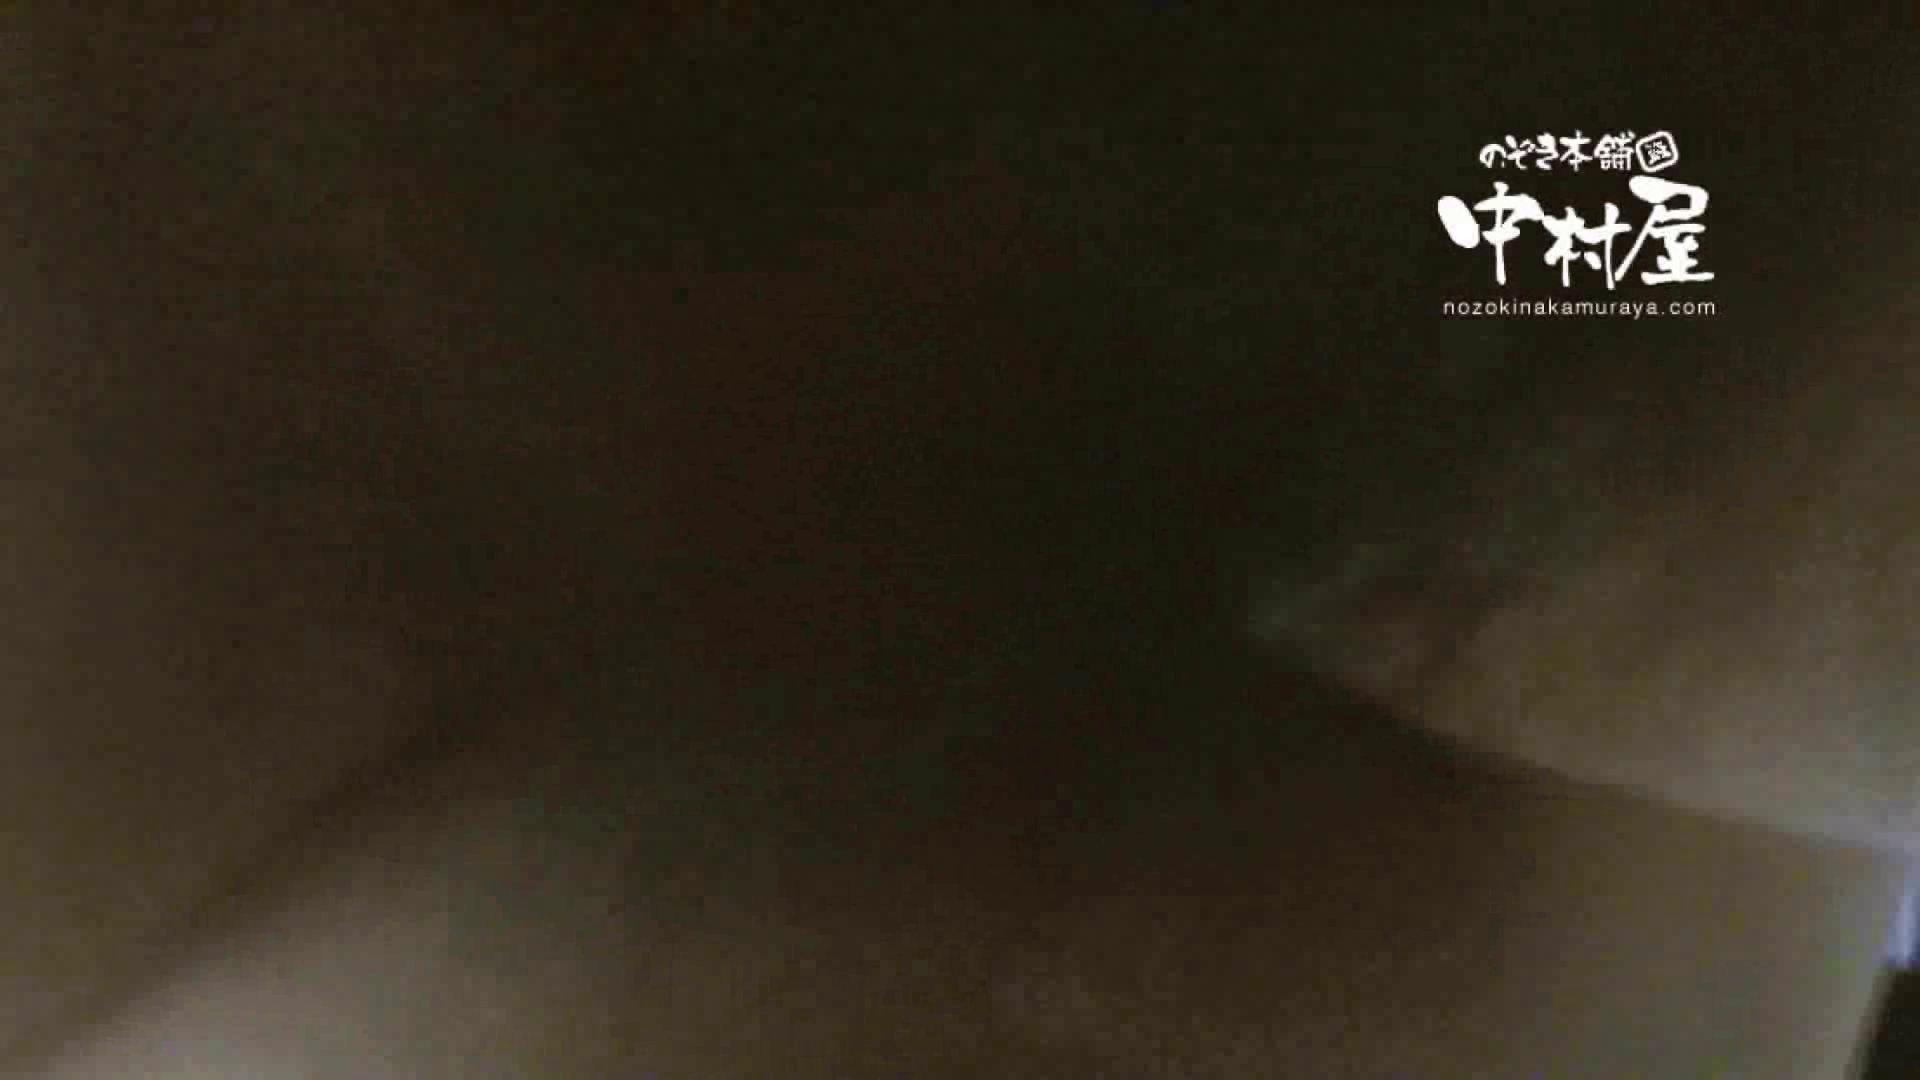 鬼畜 vol.18 居酒屋バイト時代の同僚に中出ししてみる 後編 OLのエロ生活 エロ画像 94連発 65